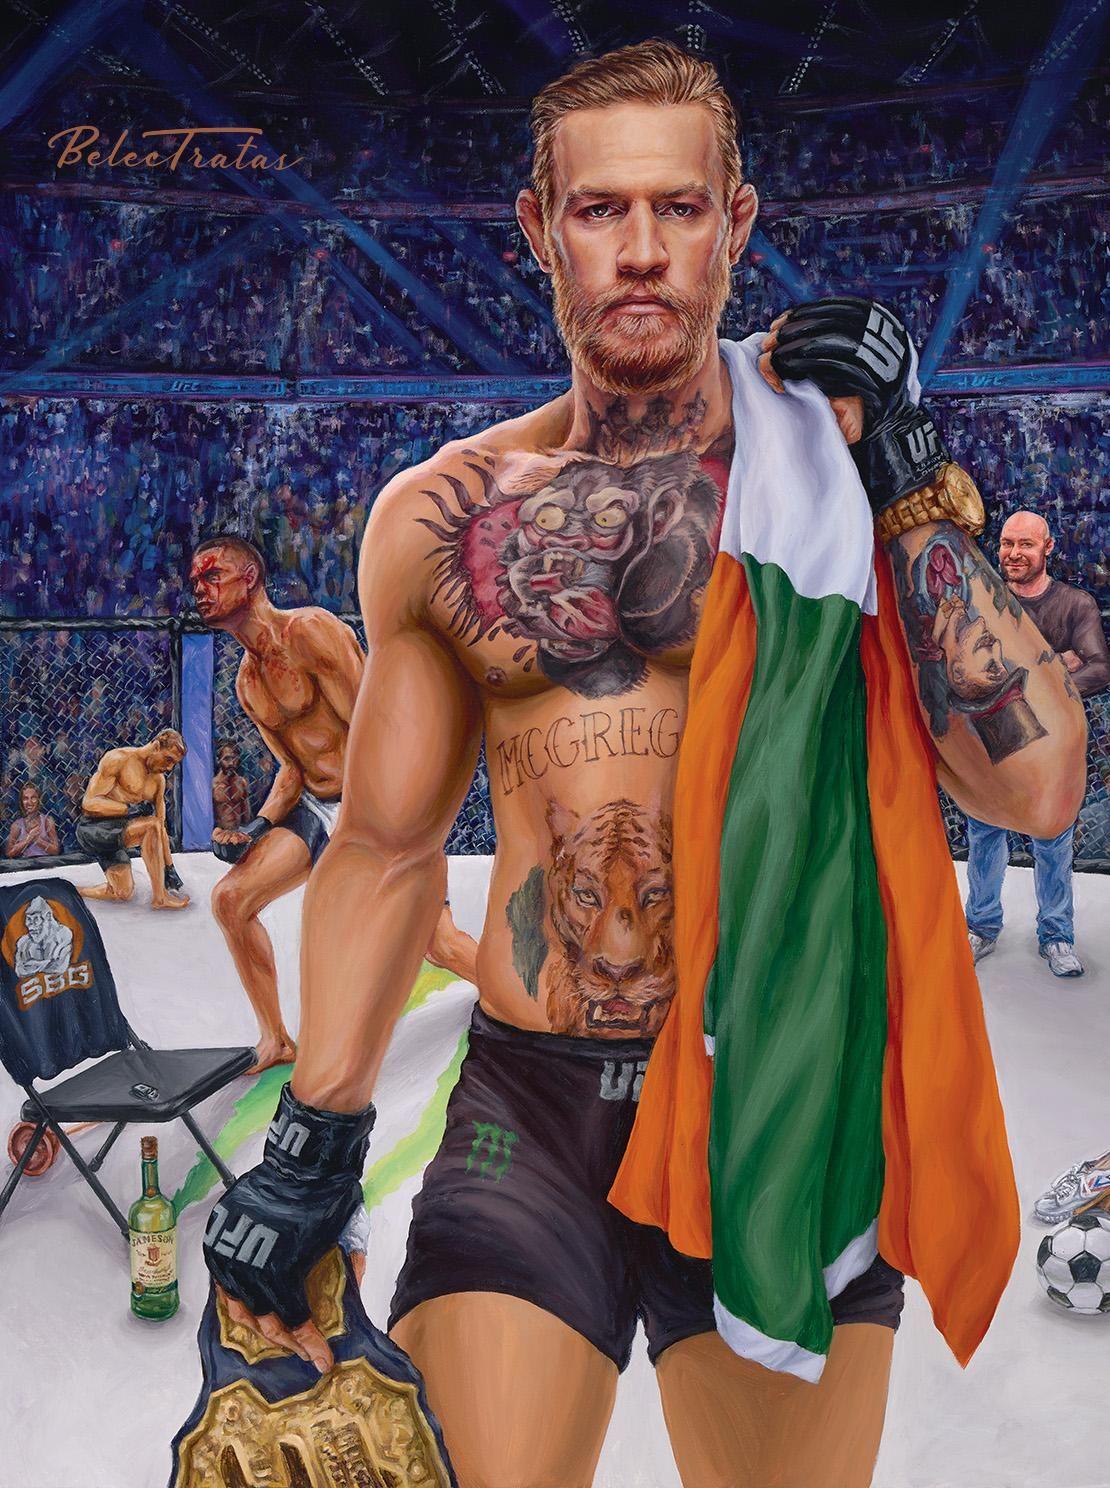 Loudmouth Irish Badboy Acrylic On Canvas 30 X 40 Conor Mcgregor Mcgregor Wallpapers Mcgregor